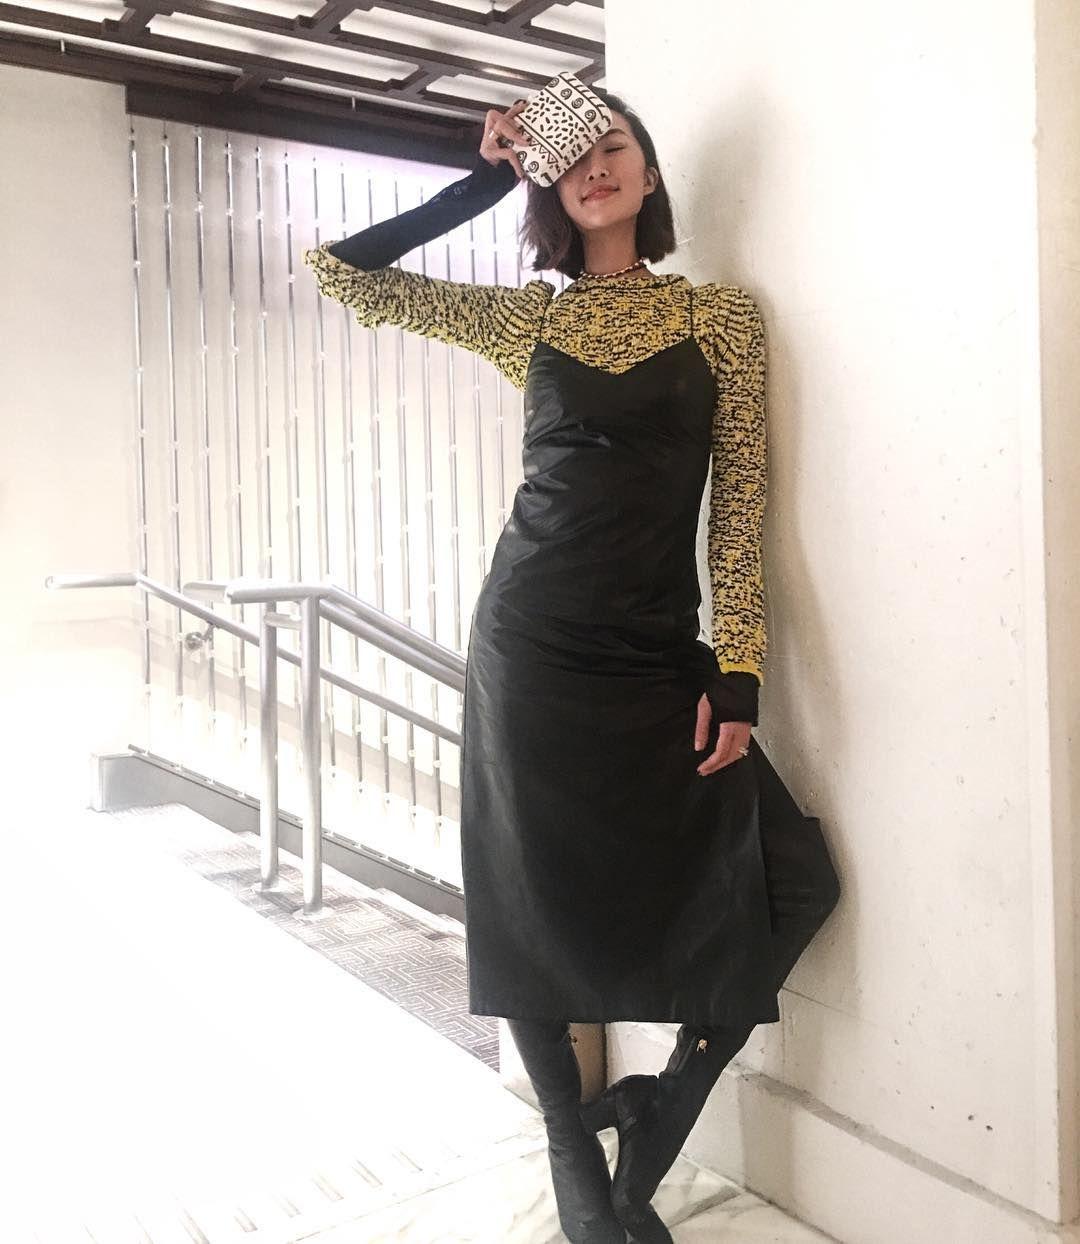 Edgy hingga Seksi, Ini Cara Padu-padan Dress Hitam